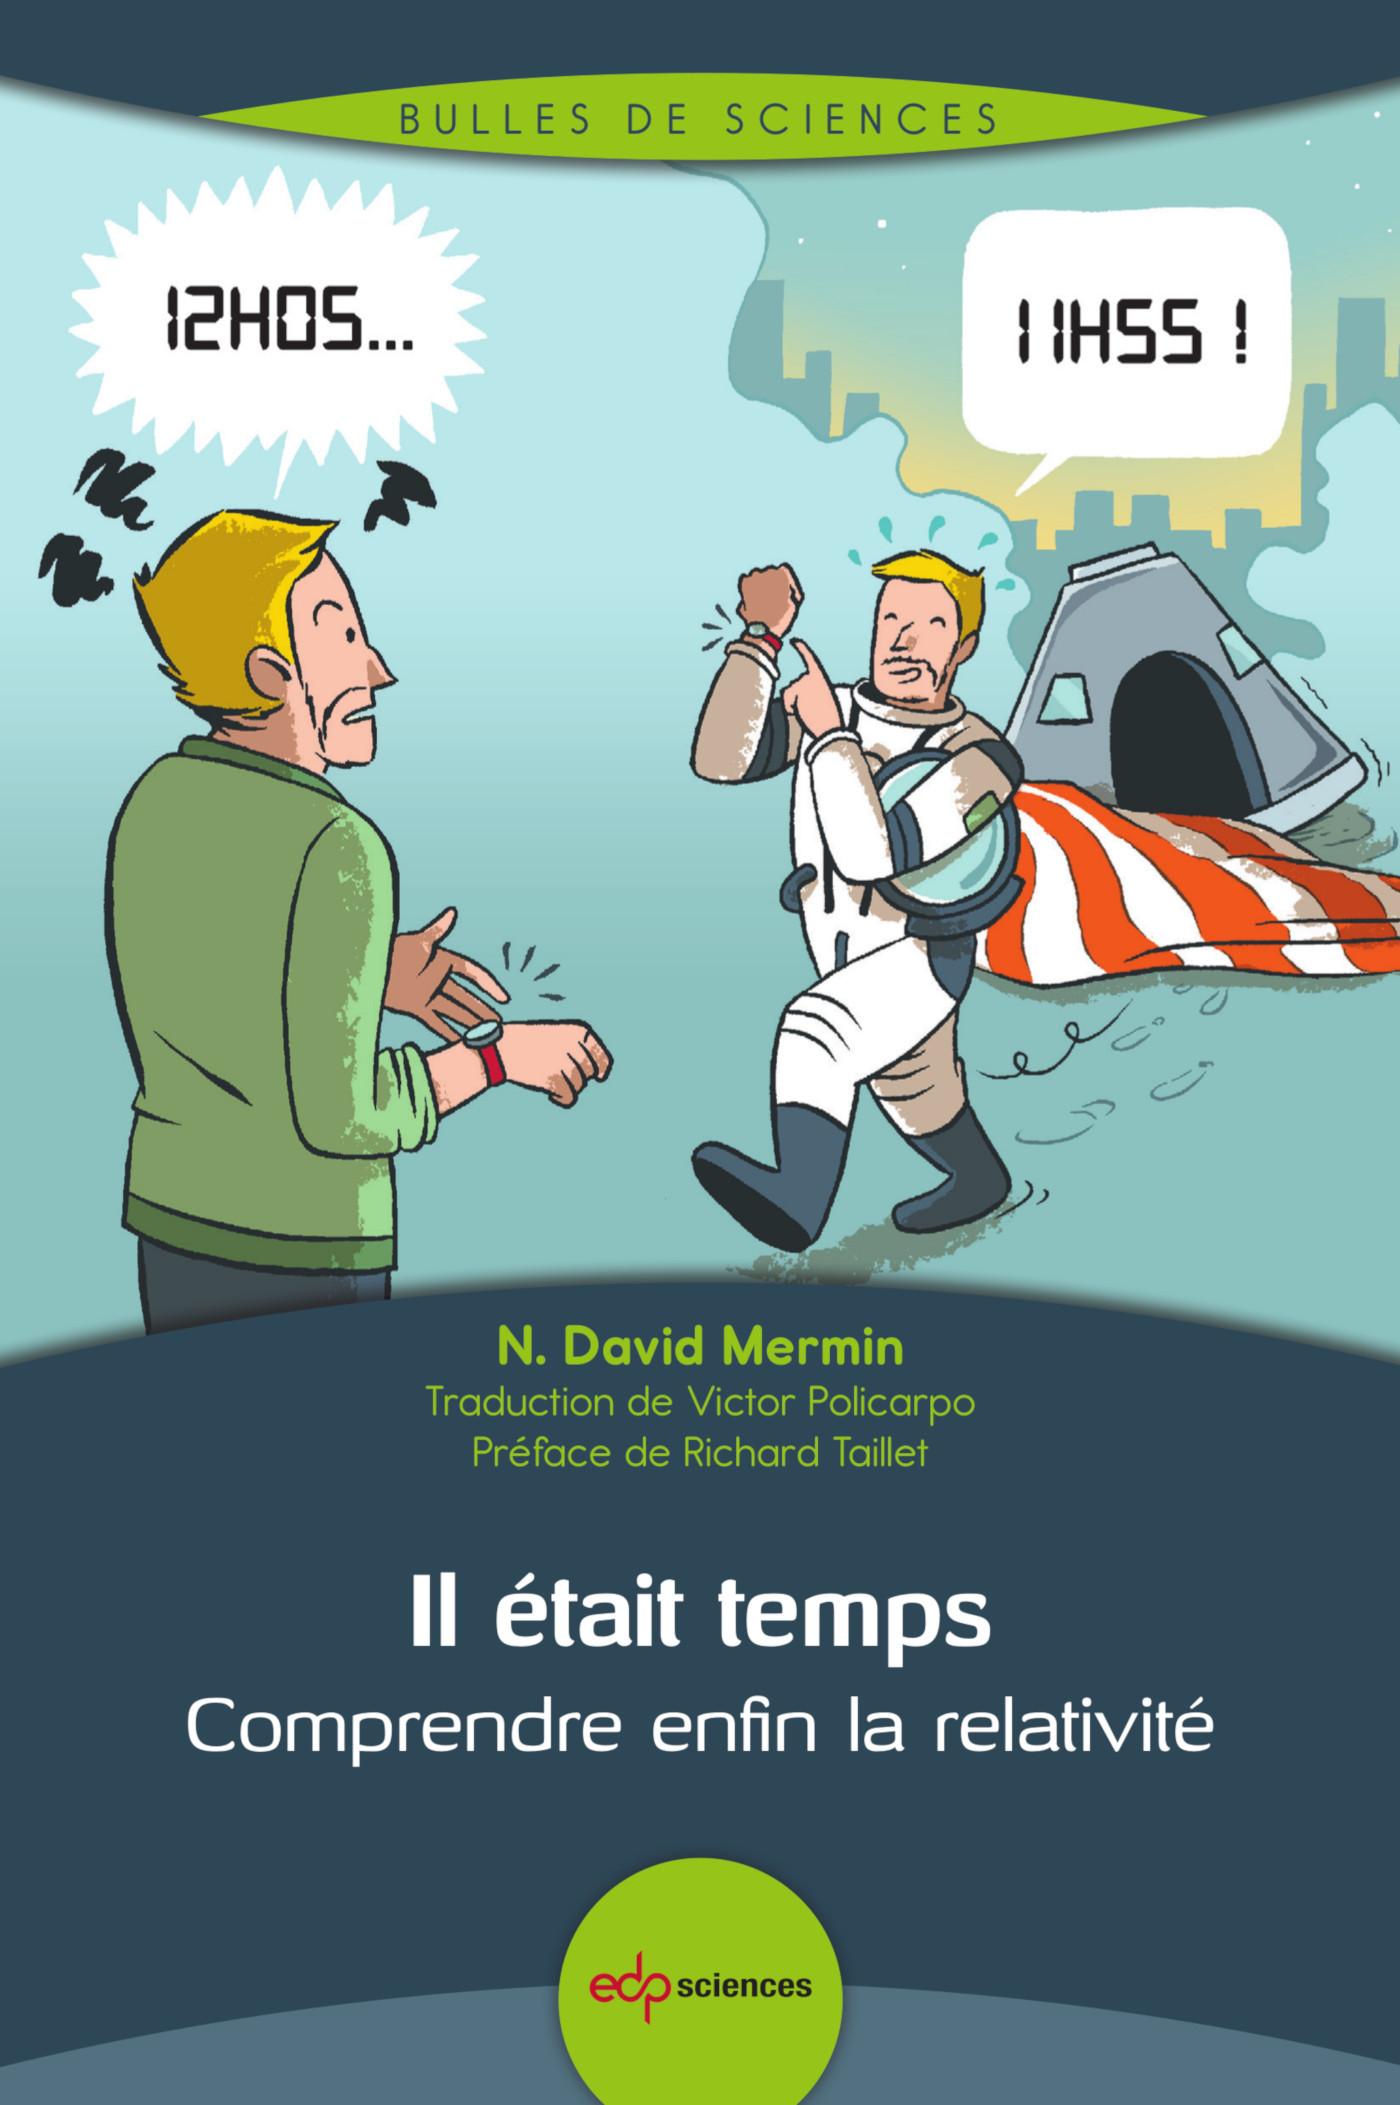 IL ETAIT TEMPS - COMPRENDRE ENFIN LA RELATIVITE